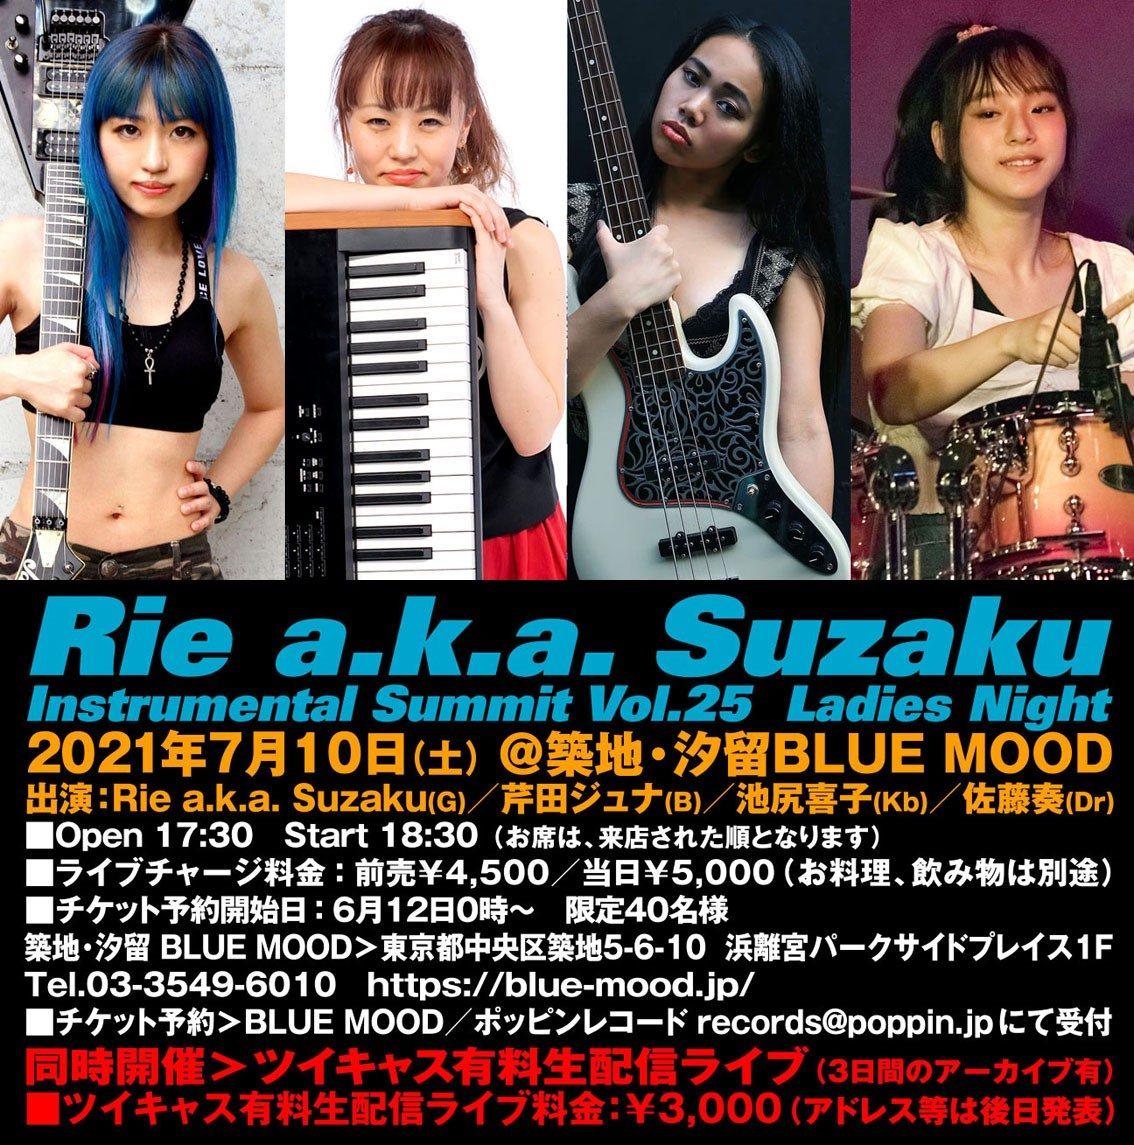 Rie a.k.a. Suzaku Instrumental Summit Vol.25 Ladies Night